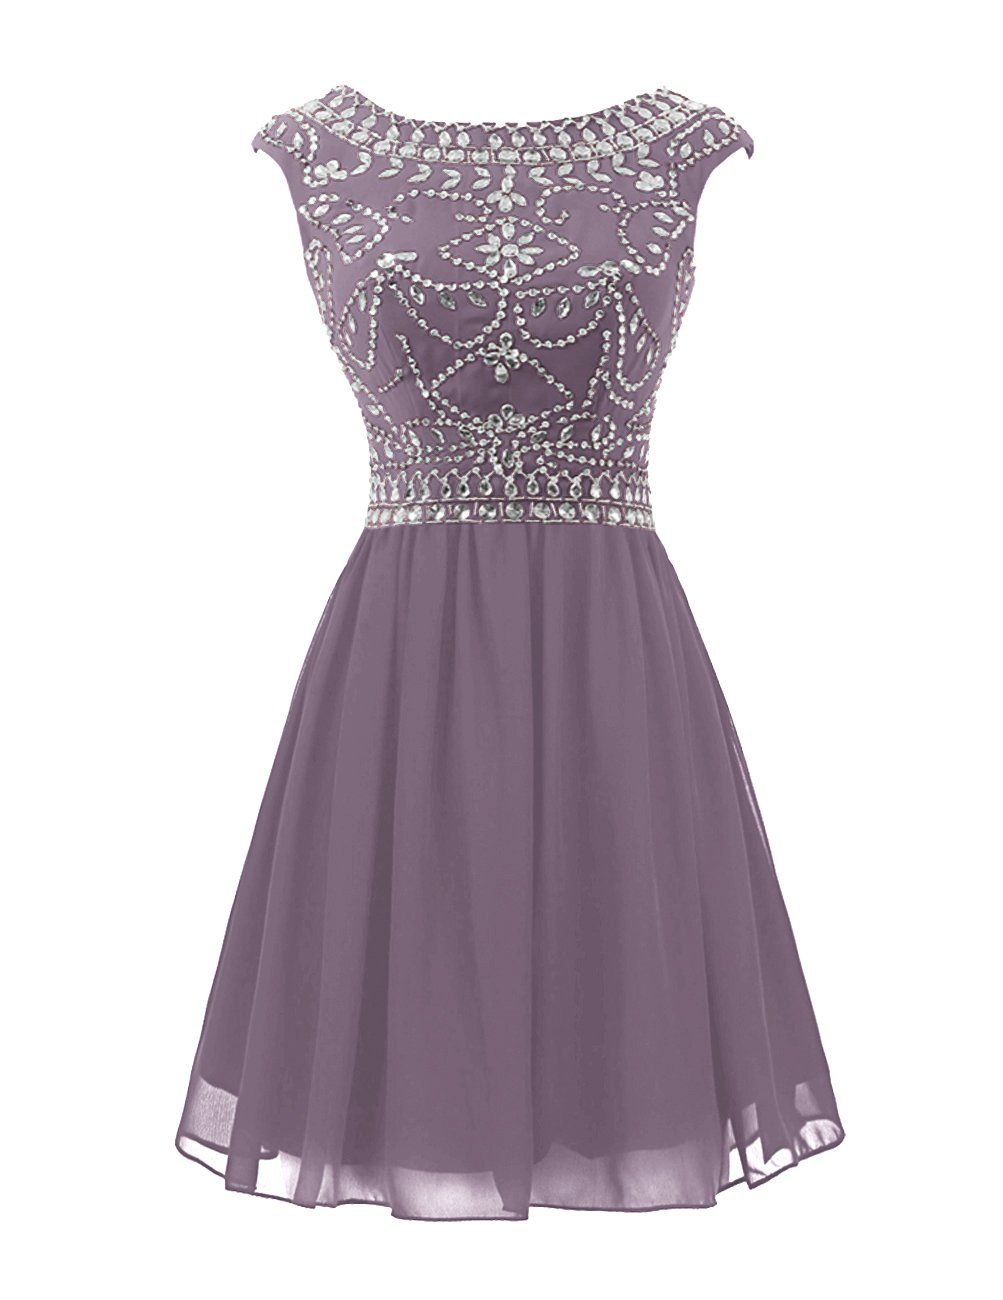 Amazon wedtrend womenus short prom dress with beads chiffon